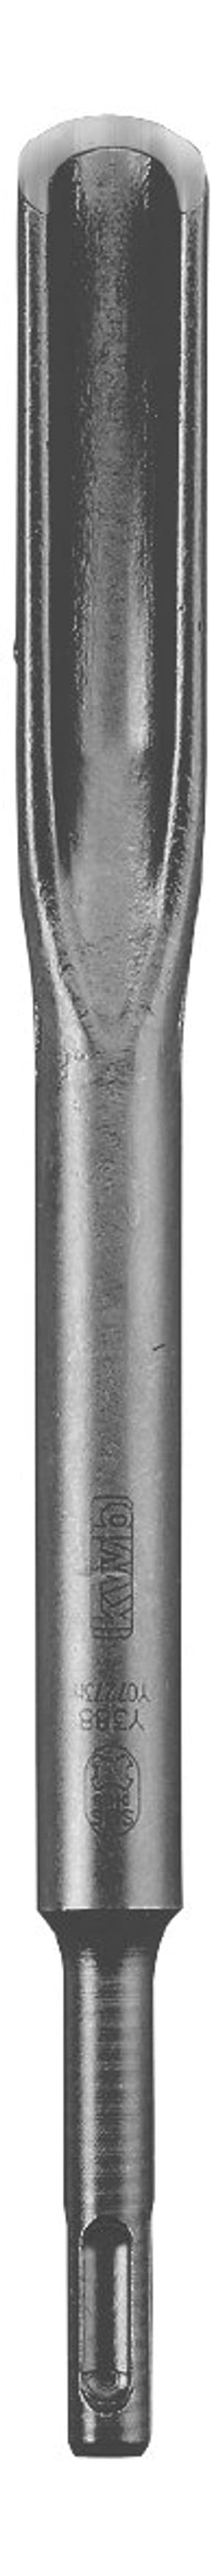 SDS plus Scalpello per martello perforatore, scalpello per canali, 250 mm